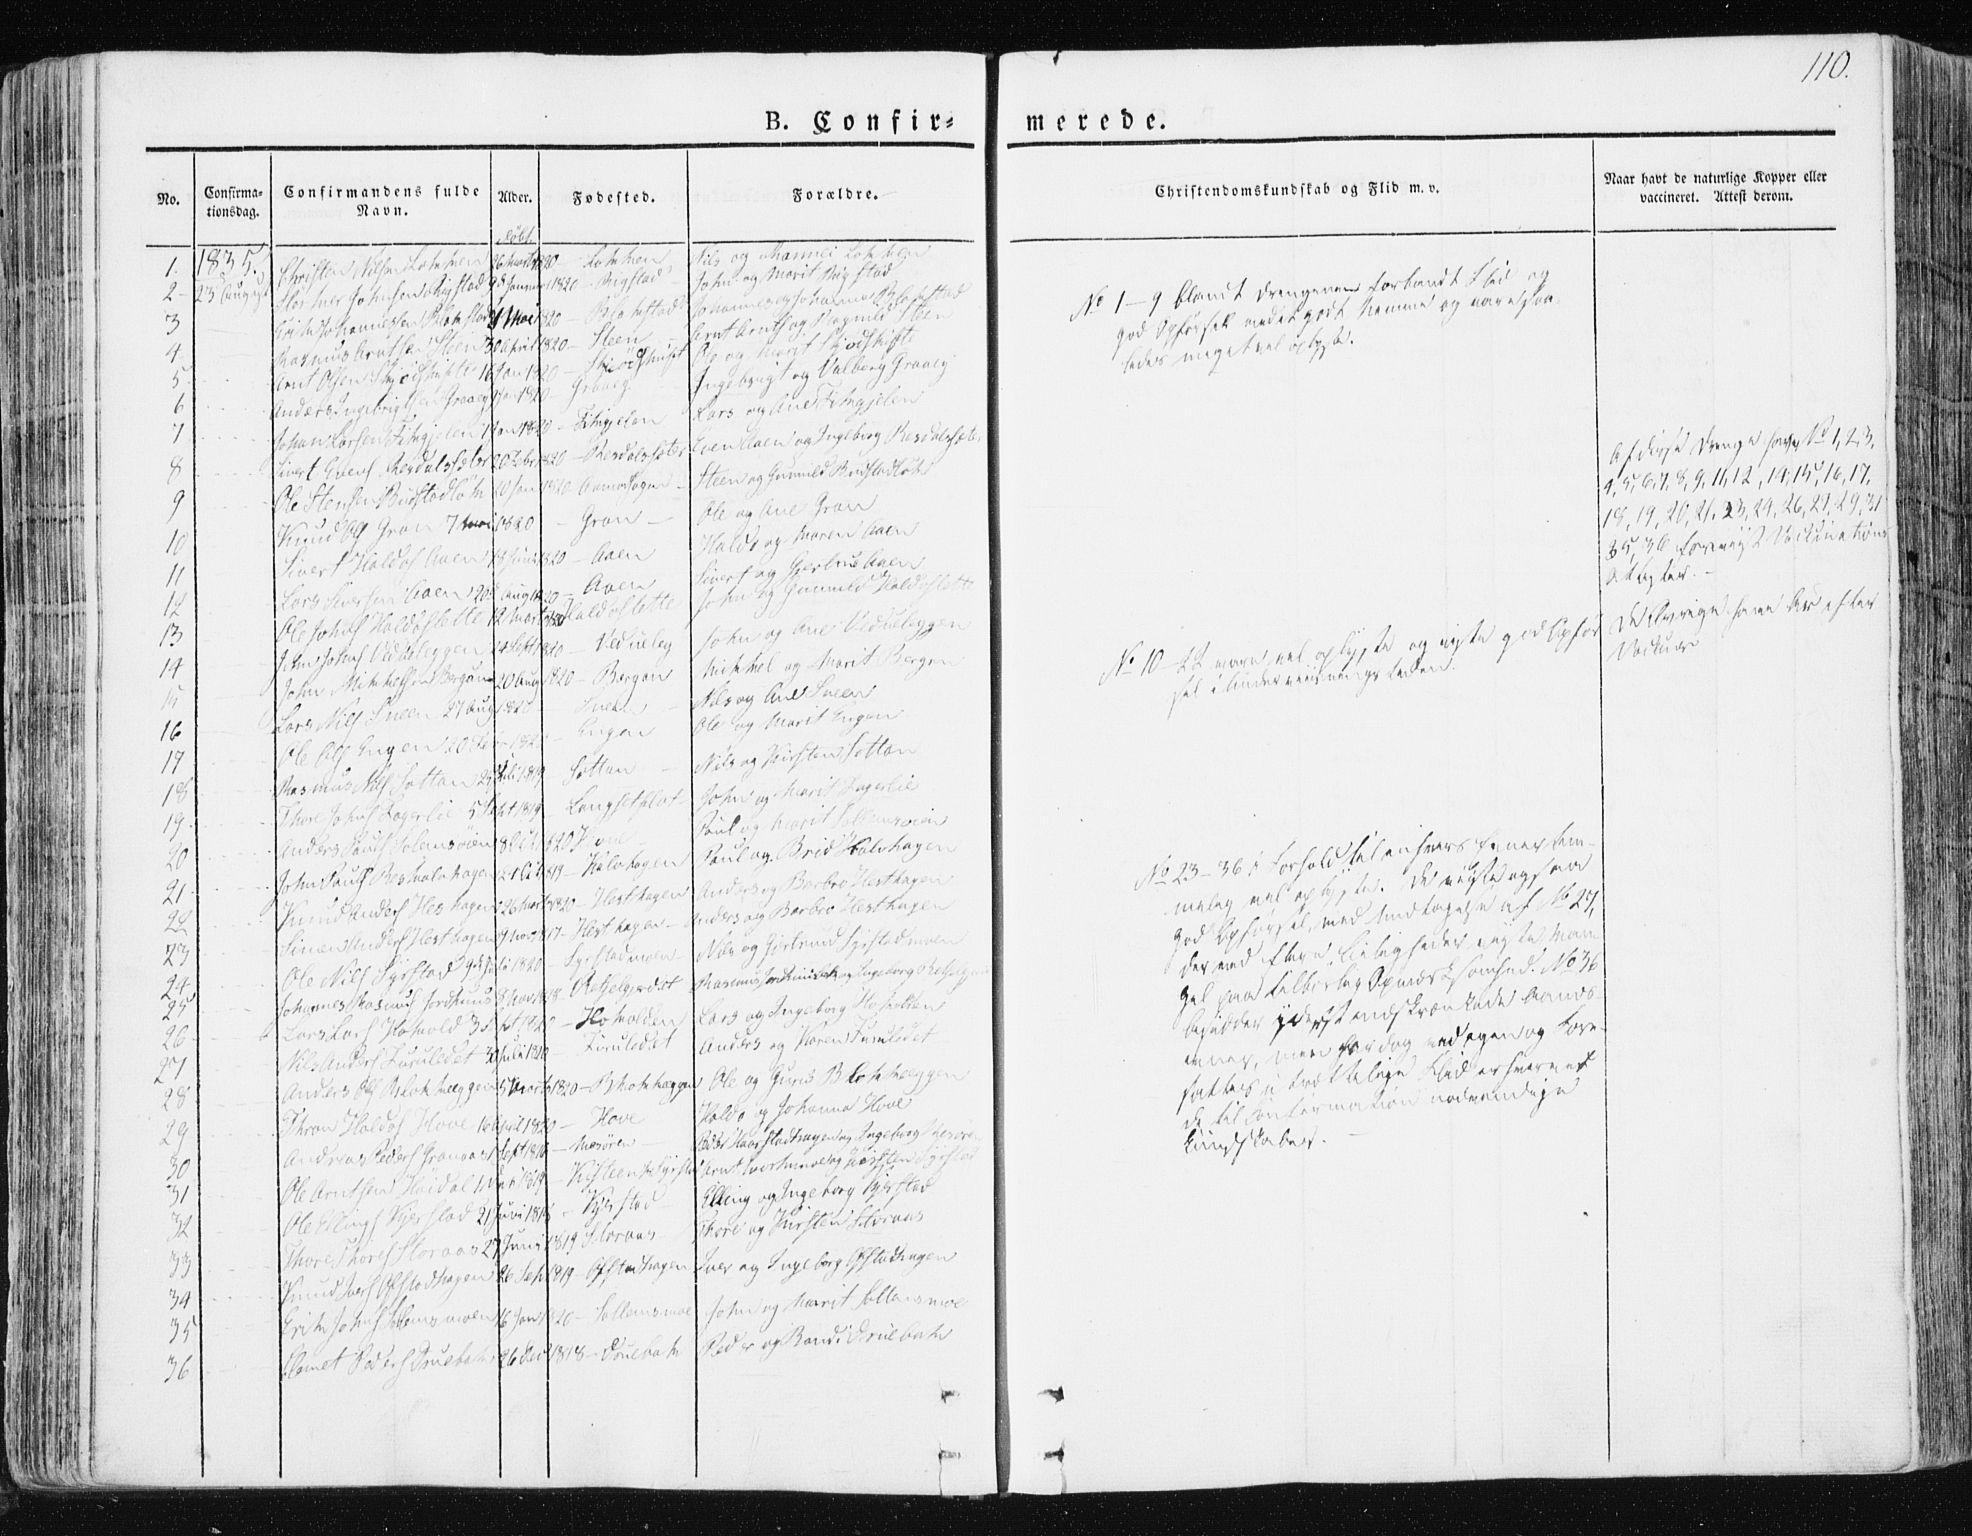 SAT, Ministerialprotokoller, klokkerbøker og fødselsregistre - Sør-Trøndelag, 672/L0855: Ministerialbok nr. 672A07, 1829-1860, s. 110